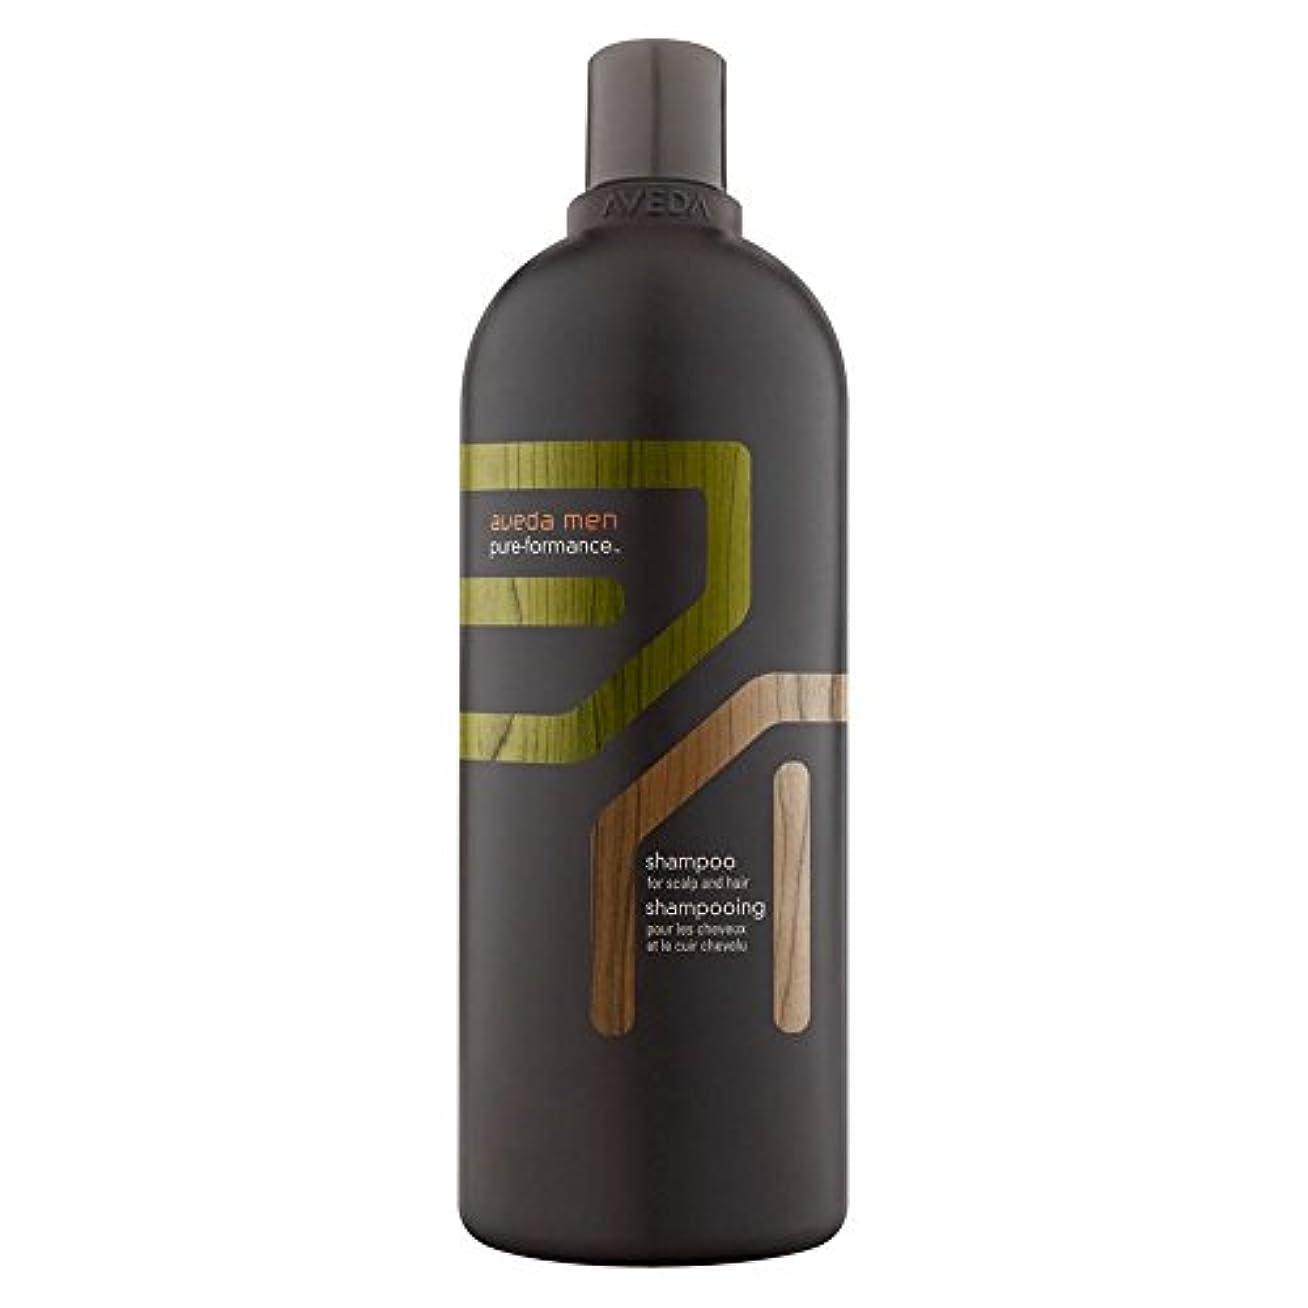 区画マラソン応用[AVEDA] アヴェダ男性の純粋な-Formanceシャンプー千ミリリットル - Aveda Men Pure-Formance Shampoo 1000ml [並行輸入品]